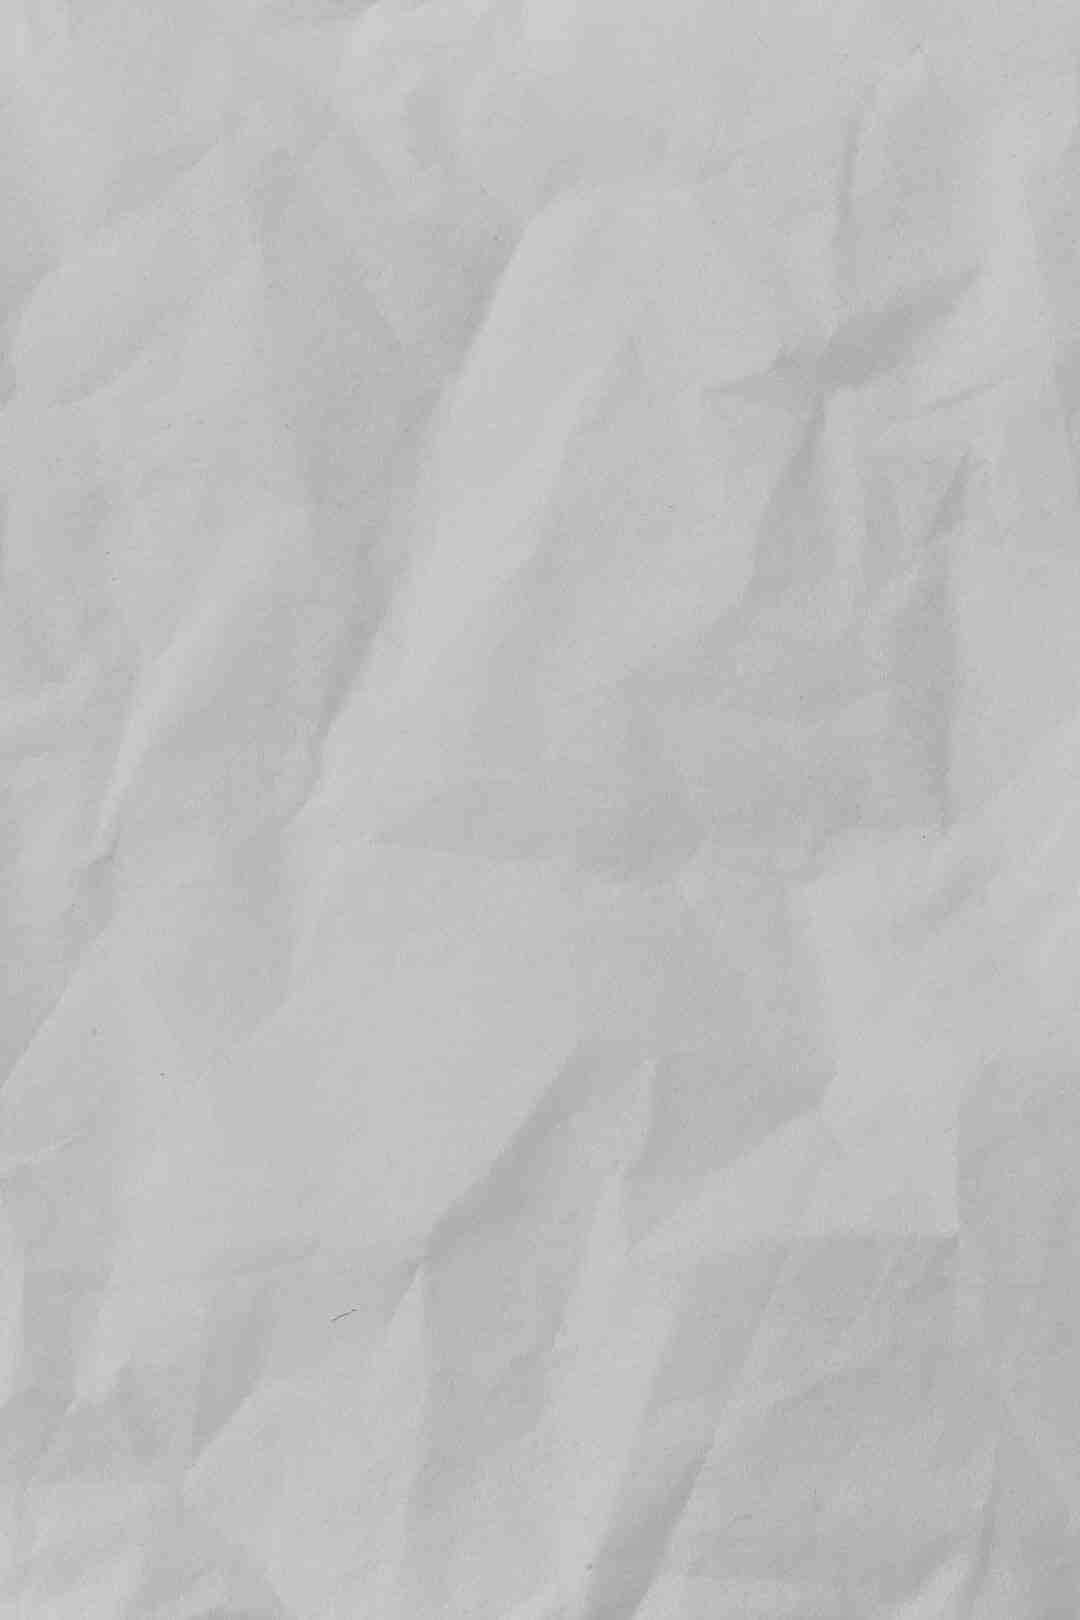 Comment envelopper des couverts dans des serviettes en papier